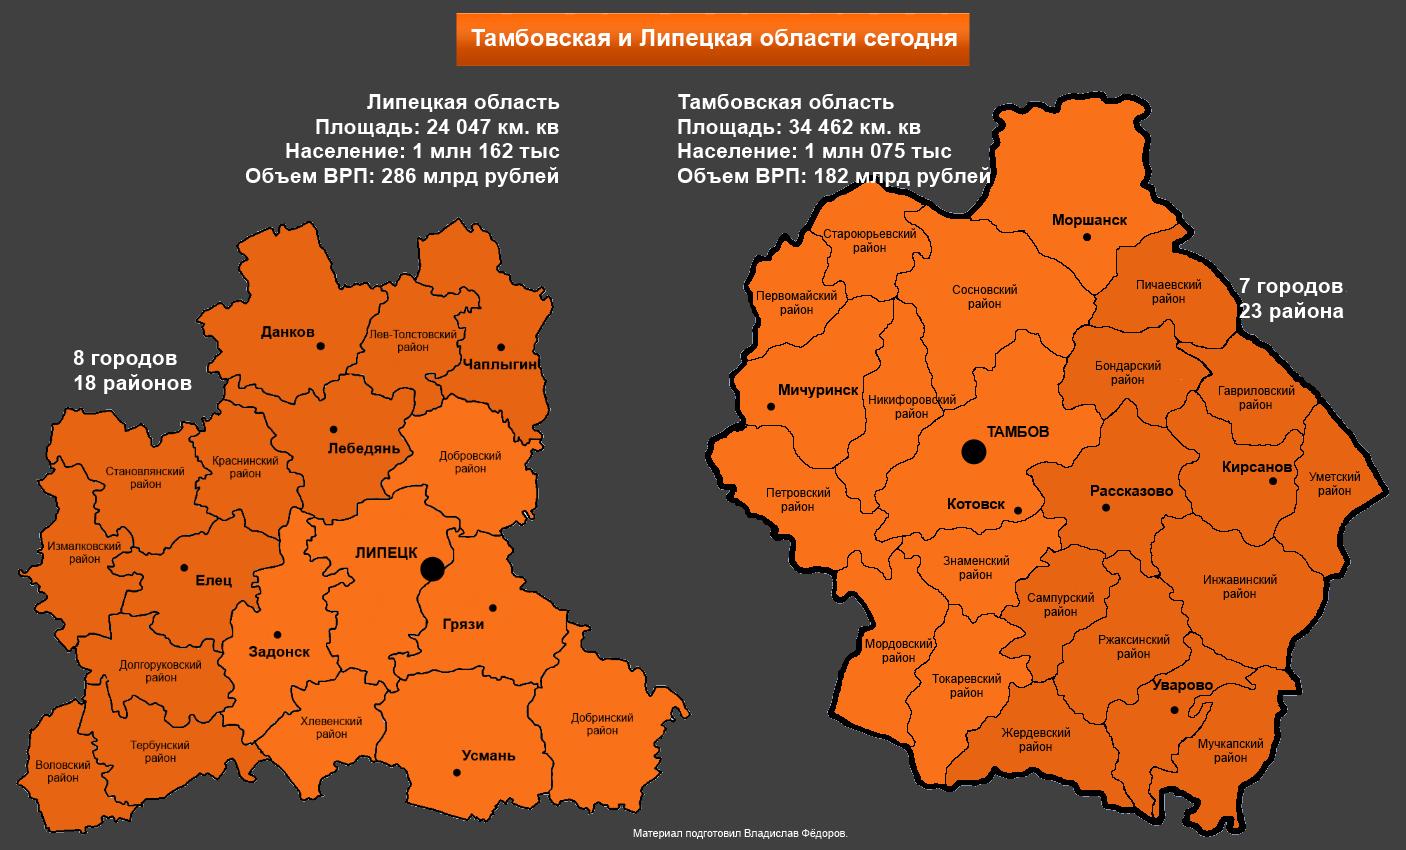 http://www.taminfo.ru/uploads/posts/2014-01/1391189799_tambovskaya-i-lipeckaya-oblasti.png